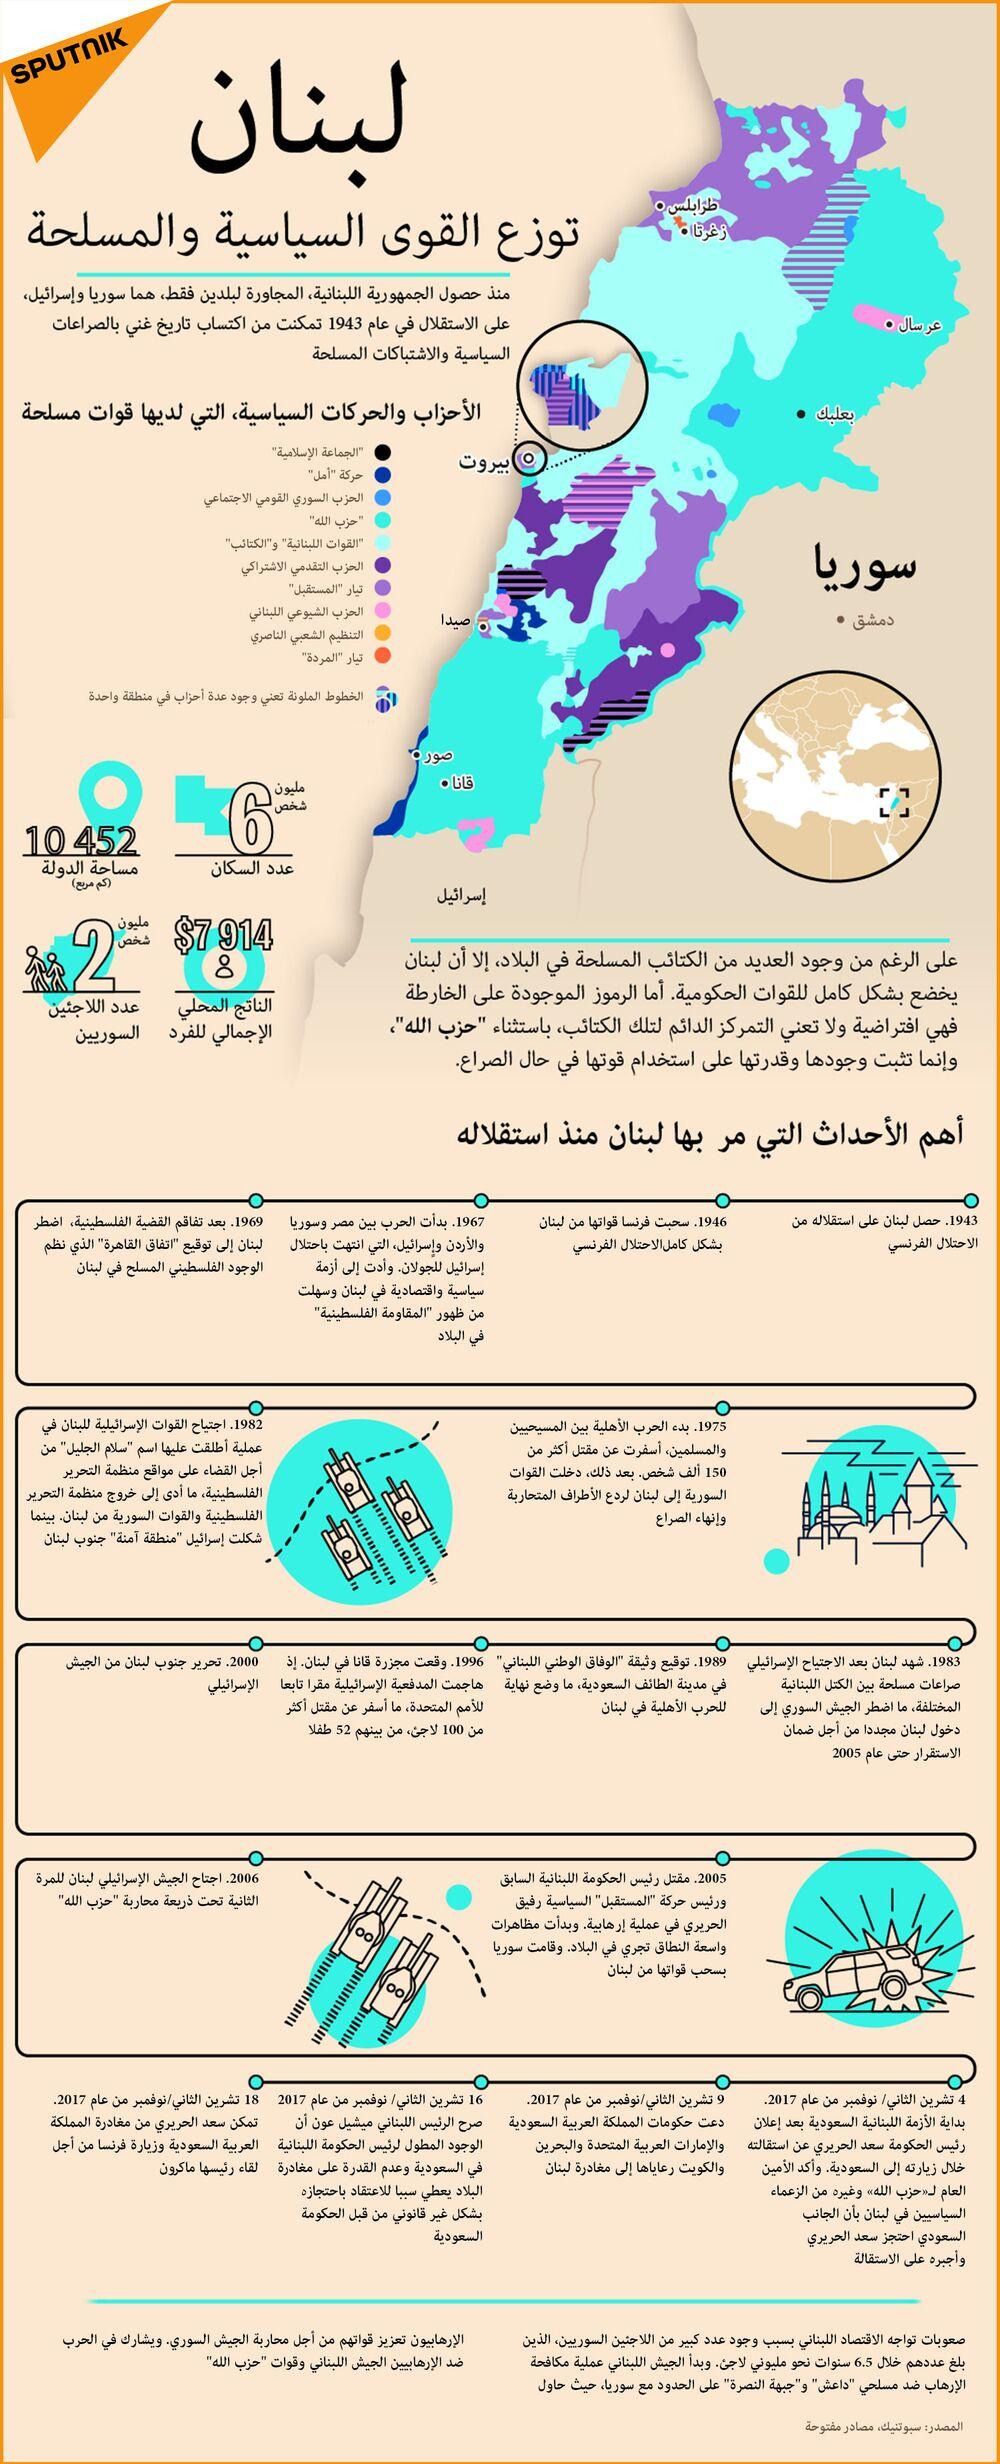 خريطة لبنان - توزيع القوات السياسية والمسلحة